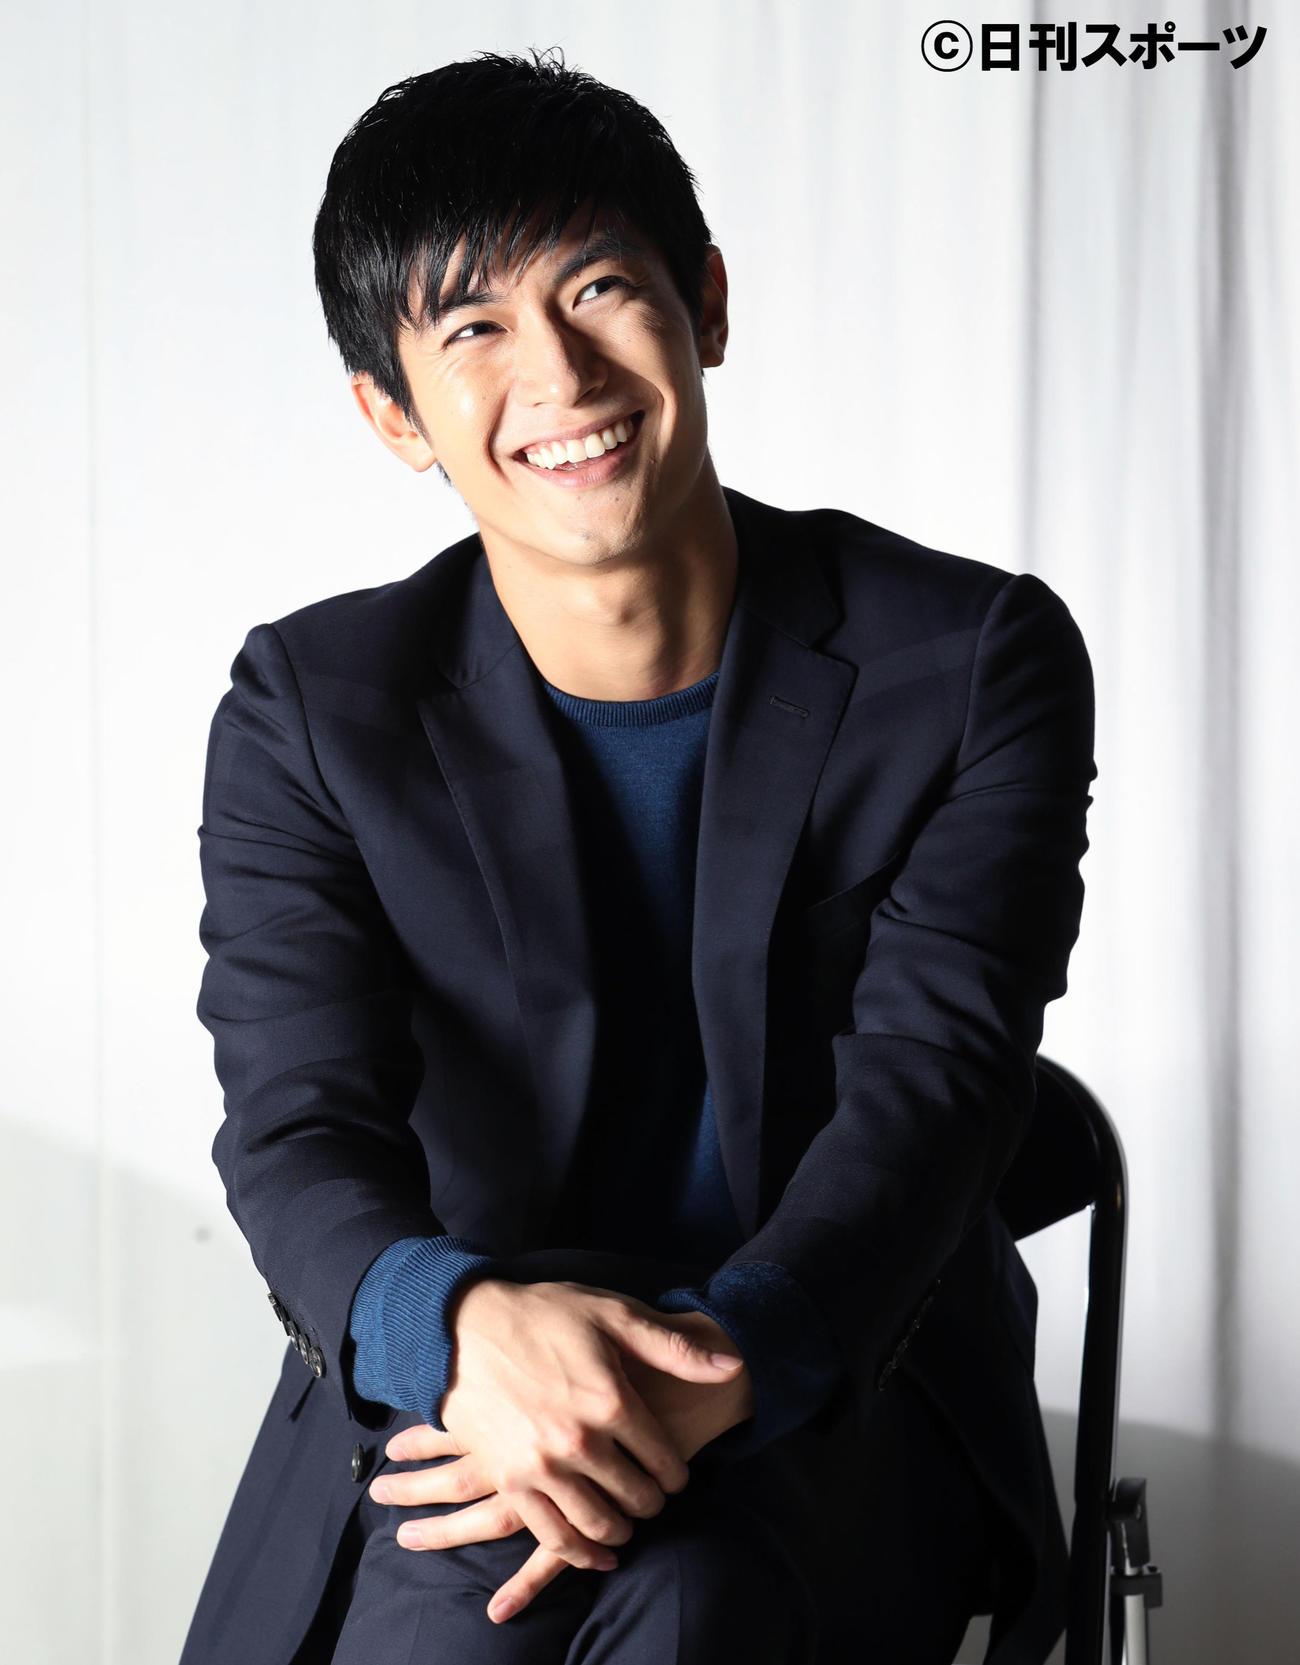 16年11月、日刊スポーツのインタビューで笑顔を見せる三浦春馬さん